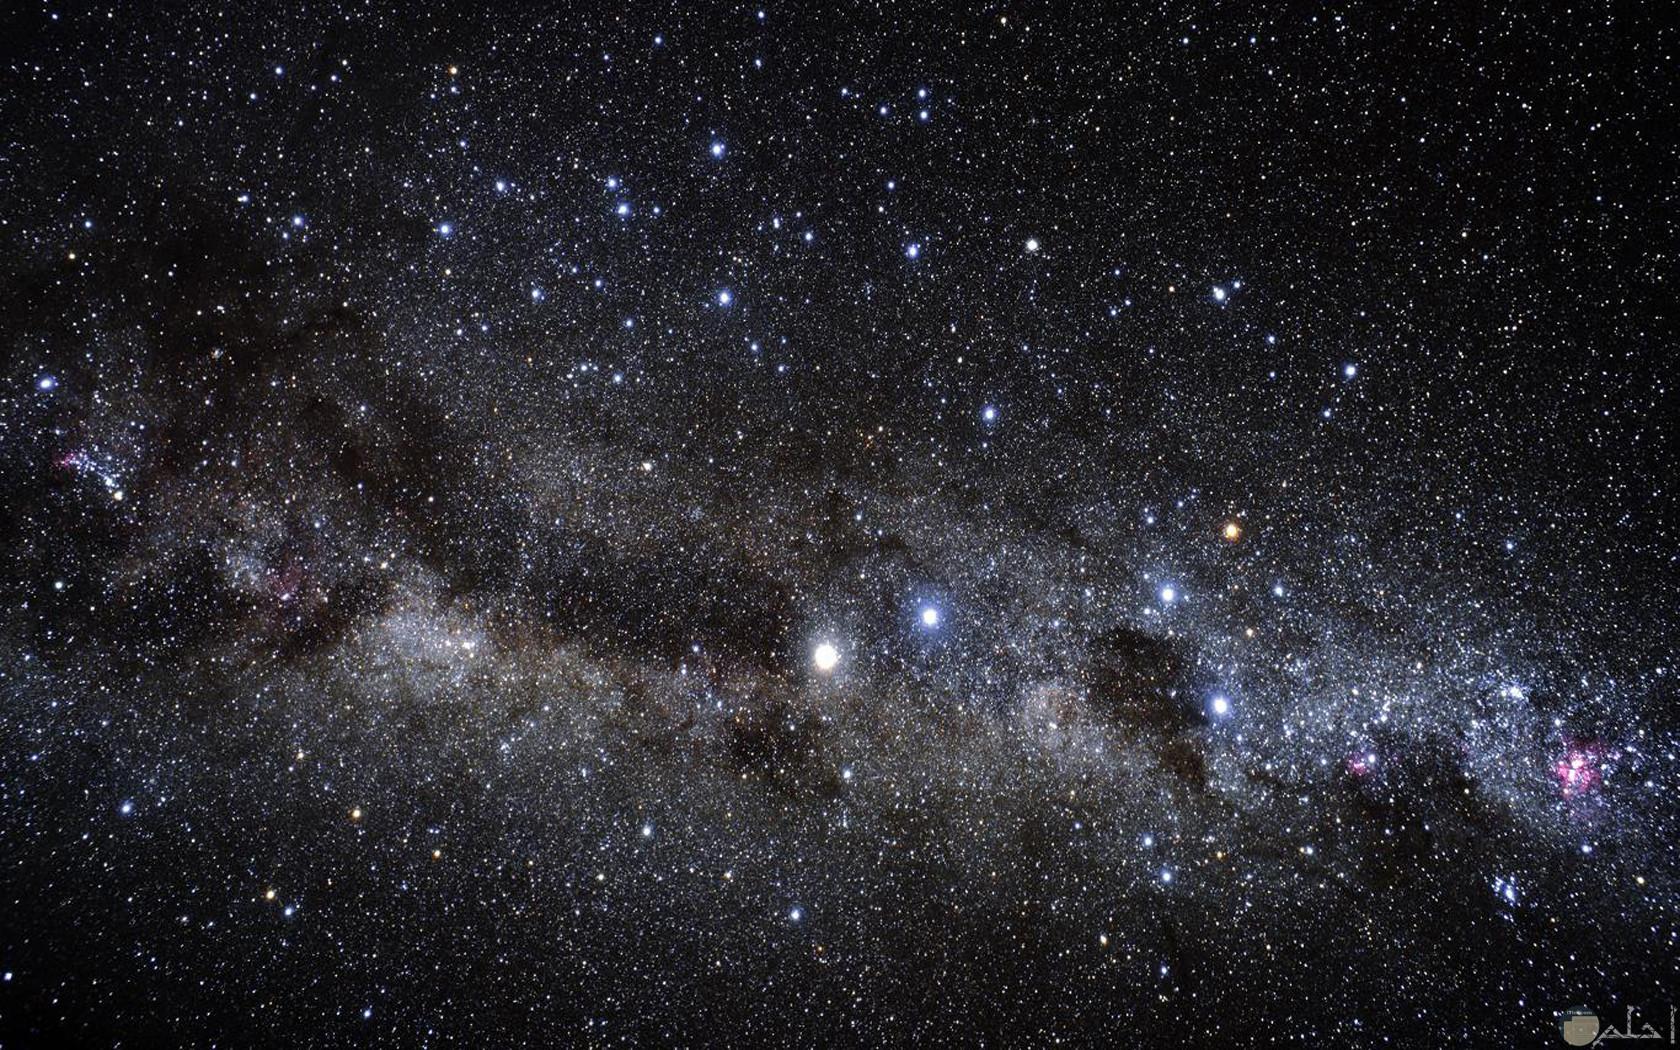 صورة هادئة للفضاء الخارجي حيث تزينه النجوم